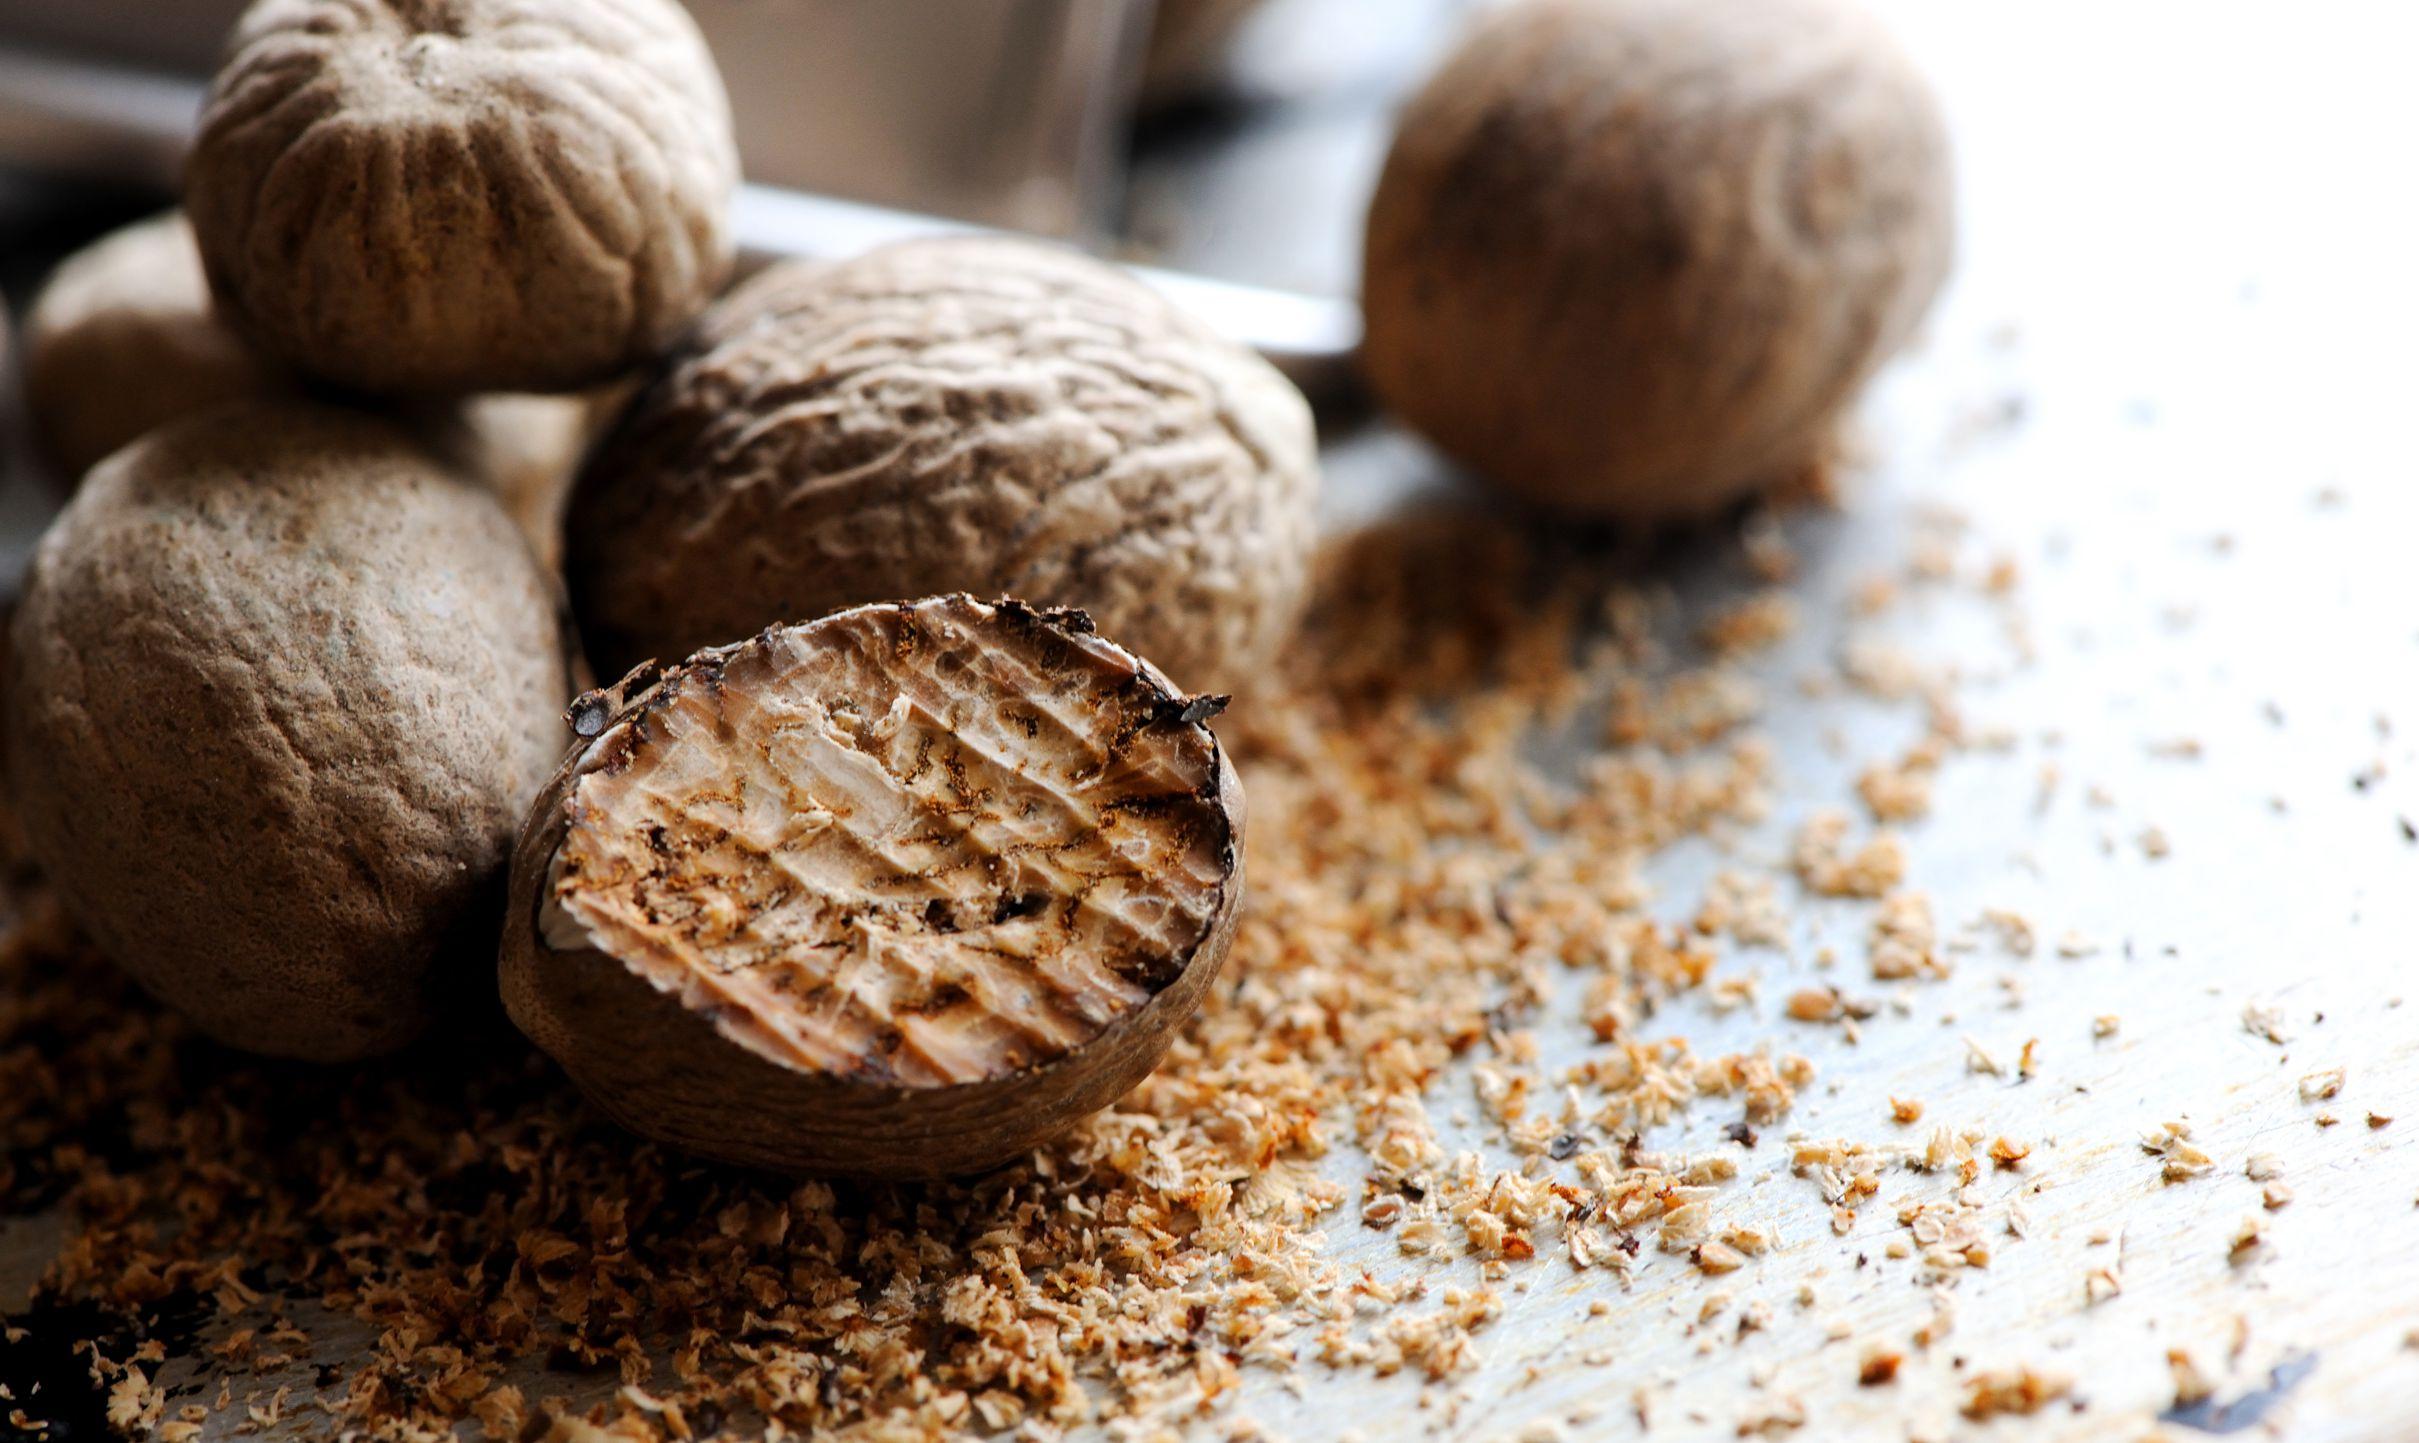 10 alimentos venenosos que podem matar em segundos